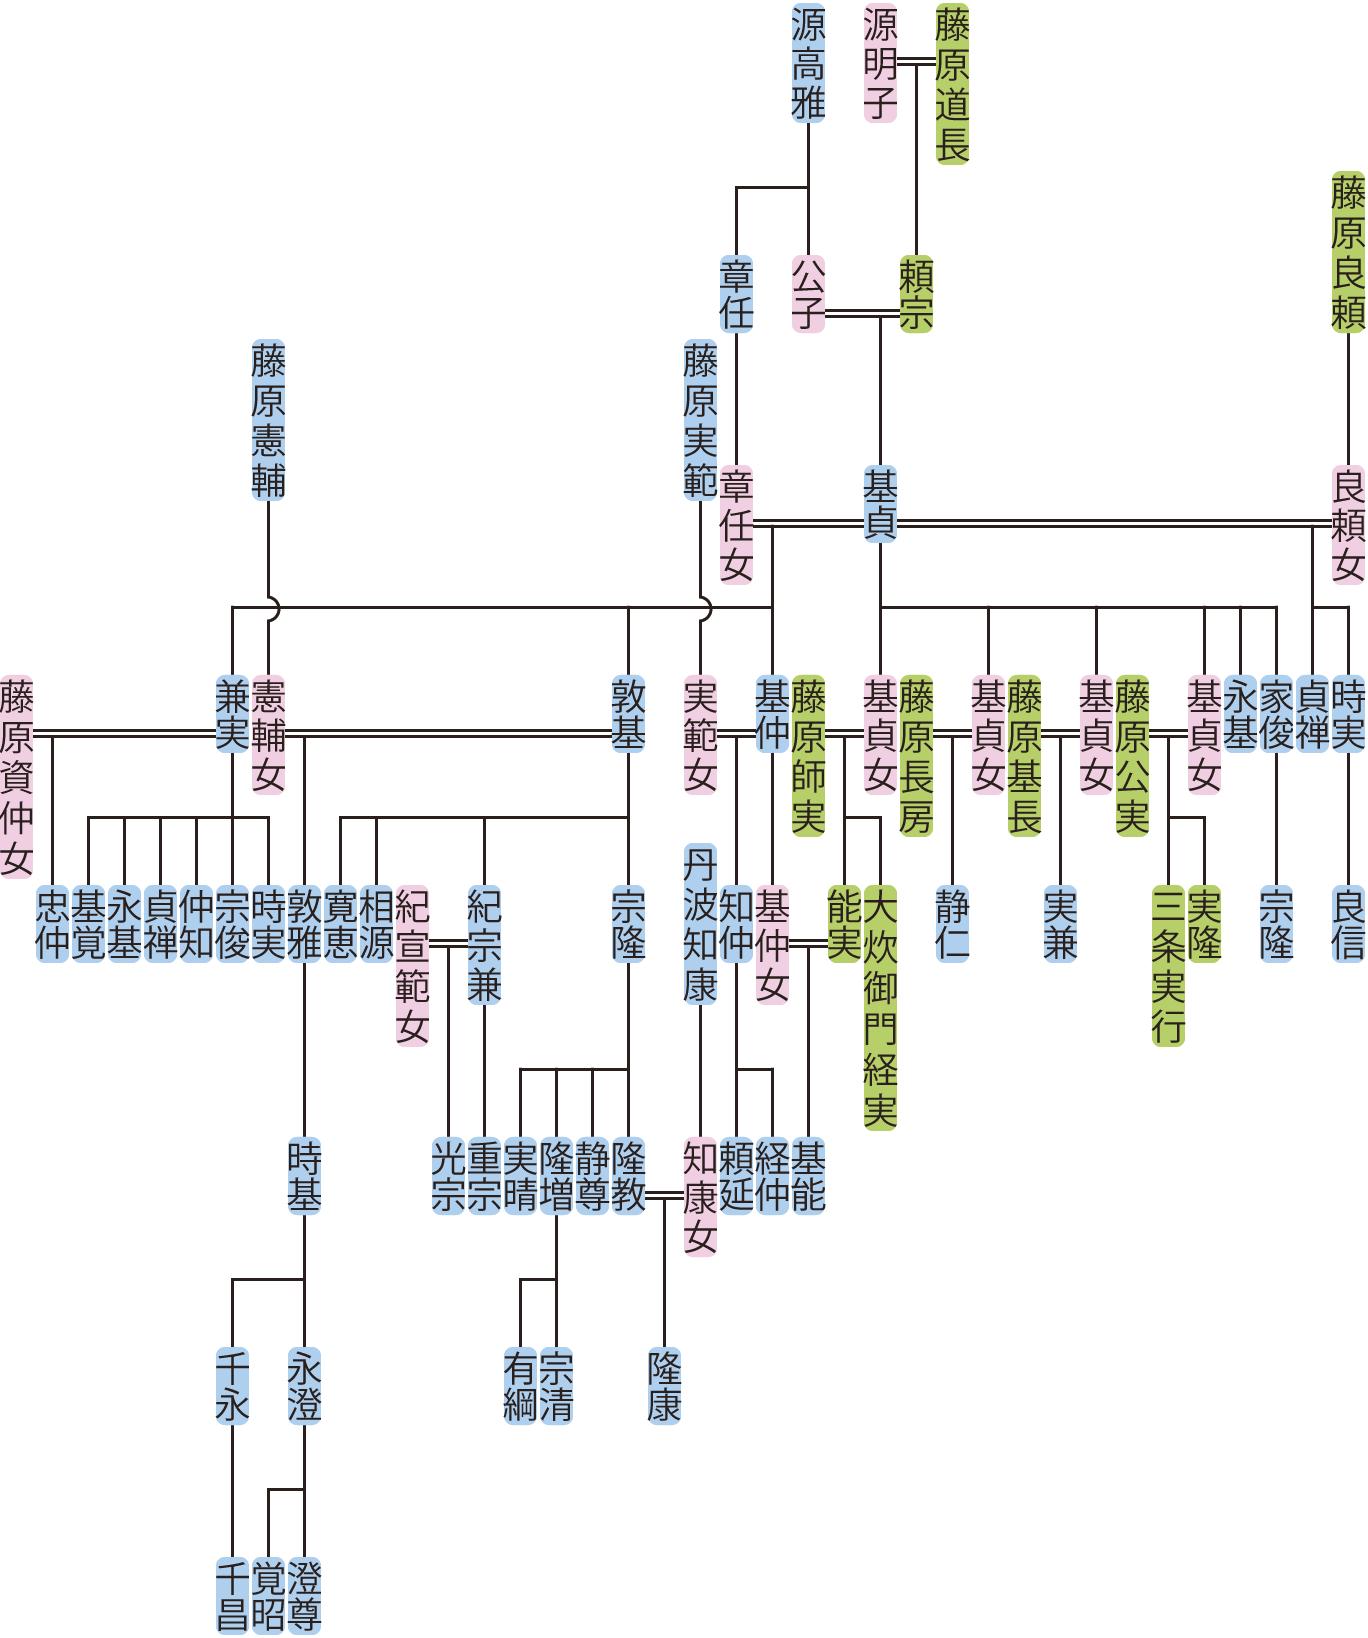 藤原基貞の系図